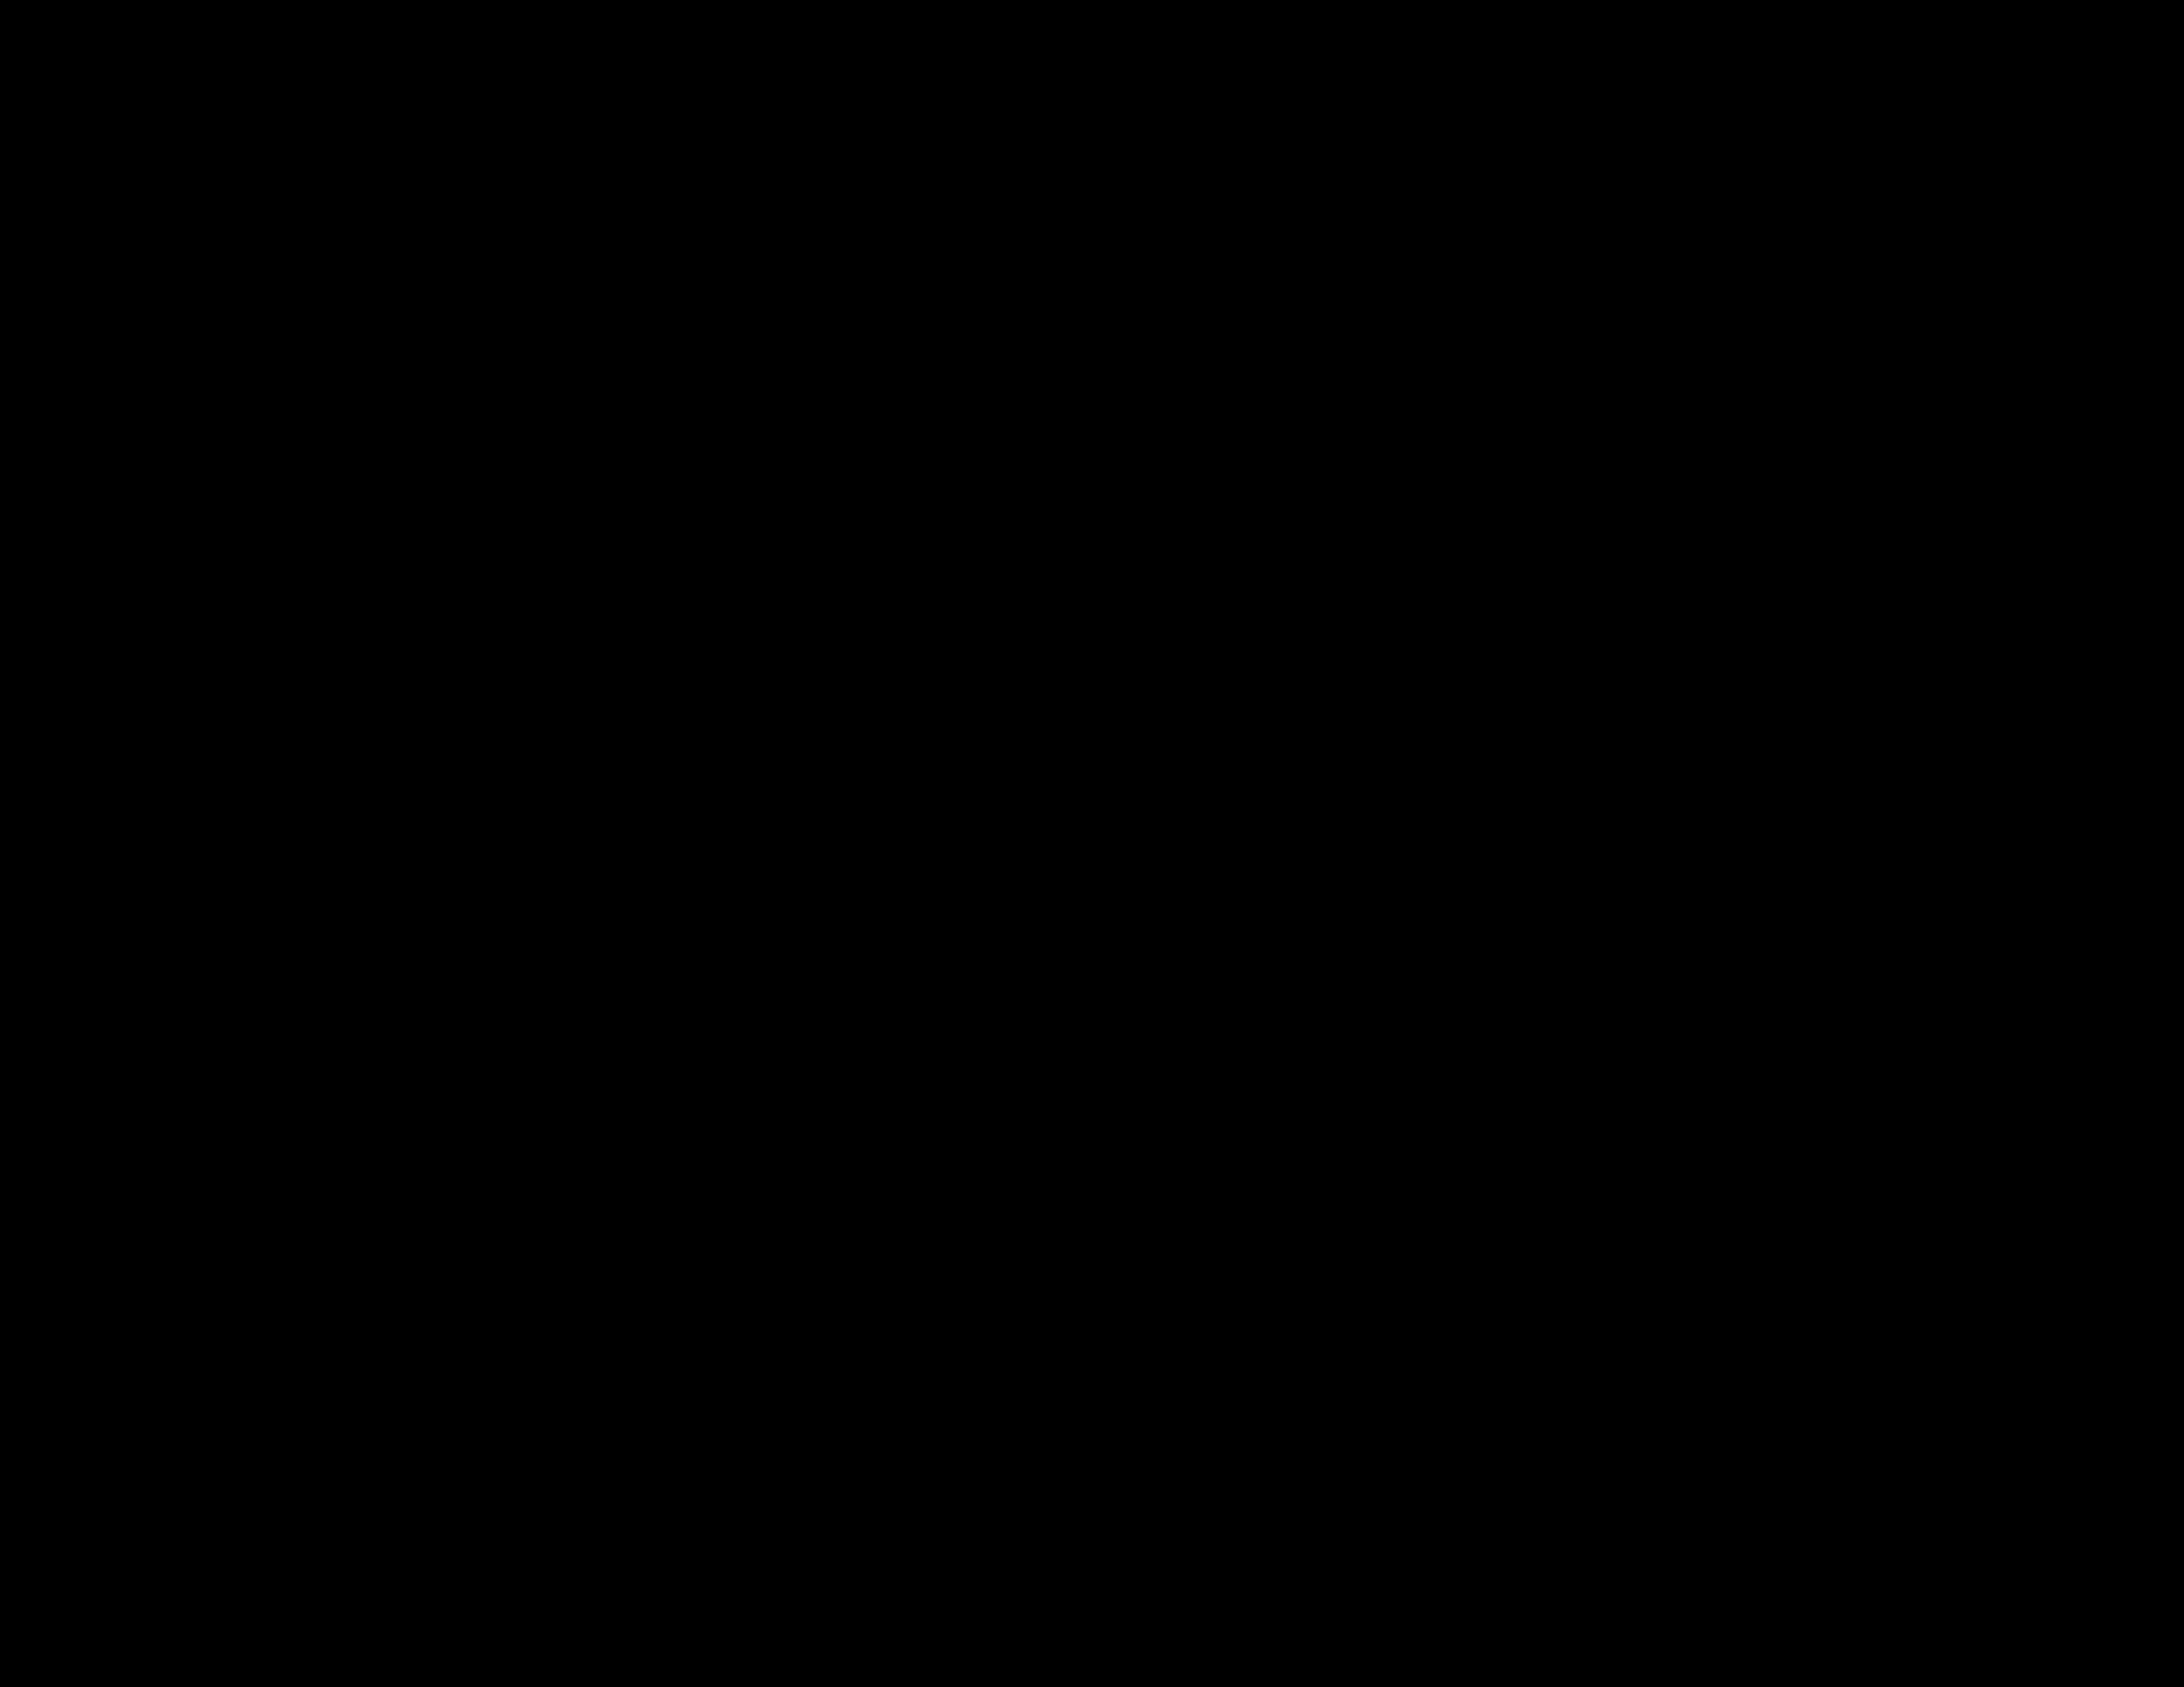 """MSR200 – 18"""" Wide Panel 24 gauge, premium"""